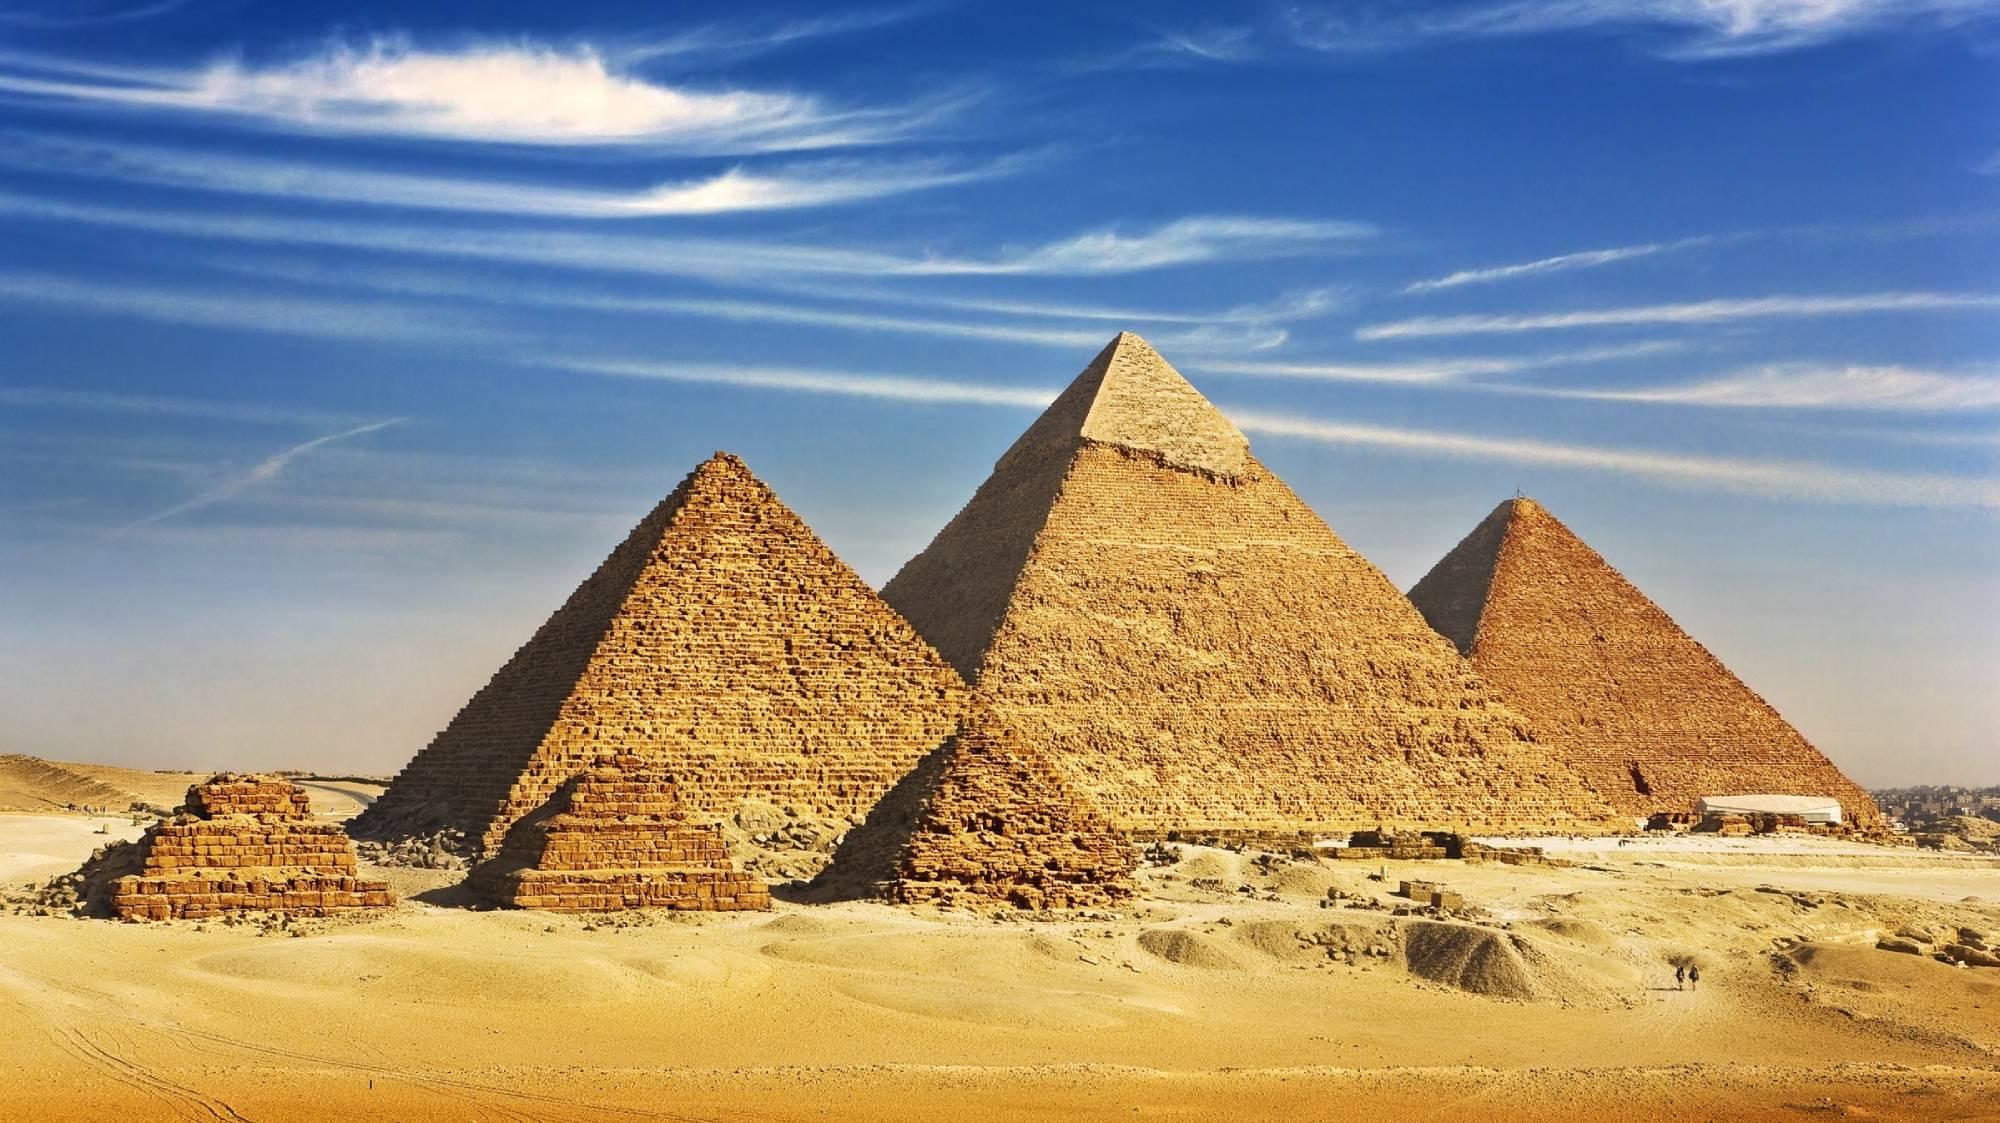 Cairo - Travel Blog